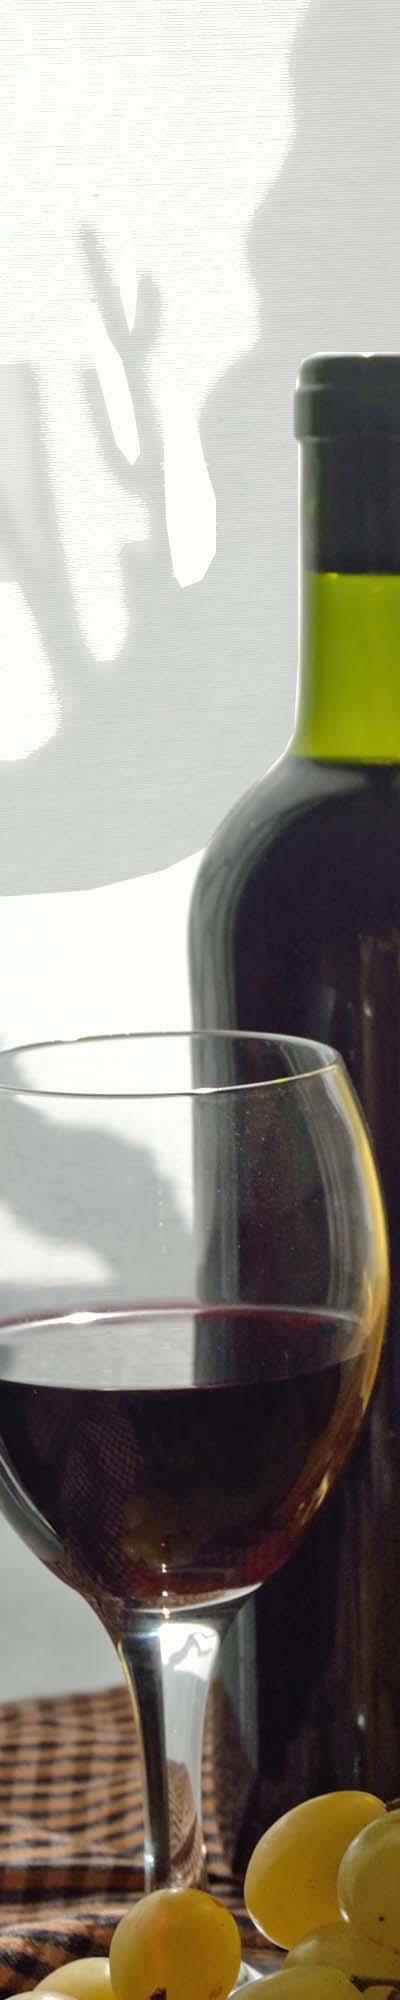 magazine de vinos y enoturismo: zona de vinos